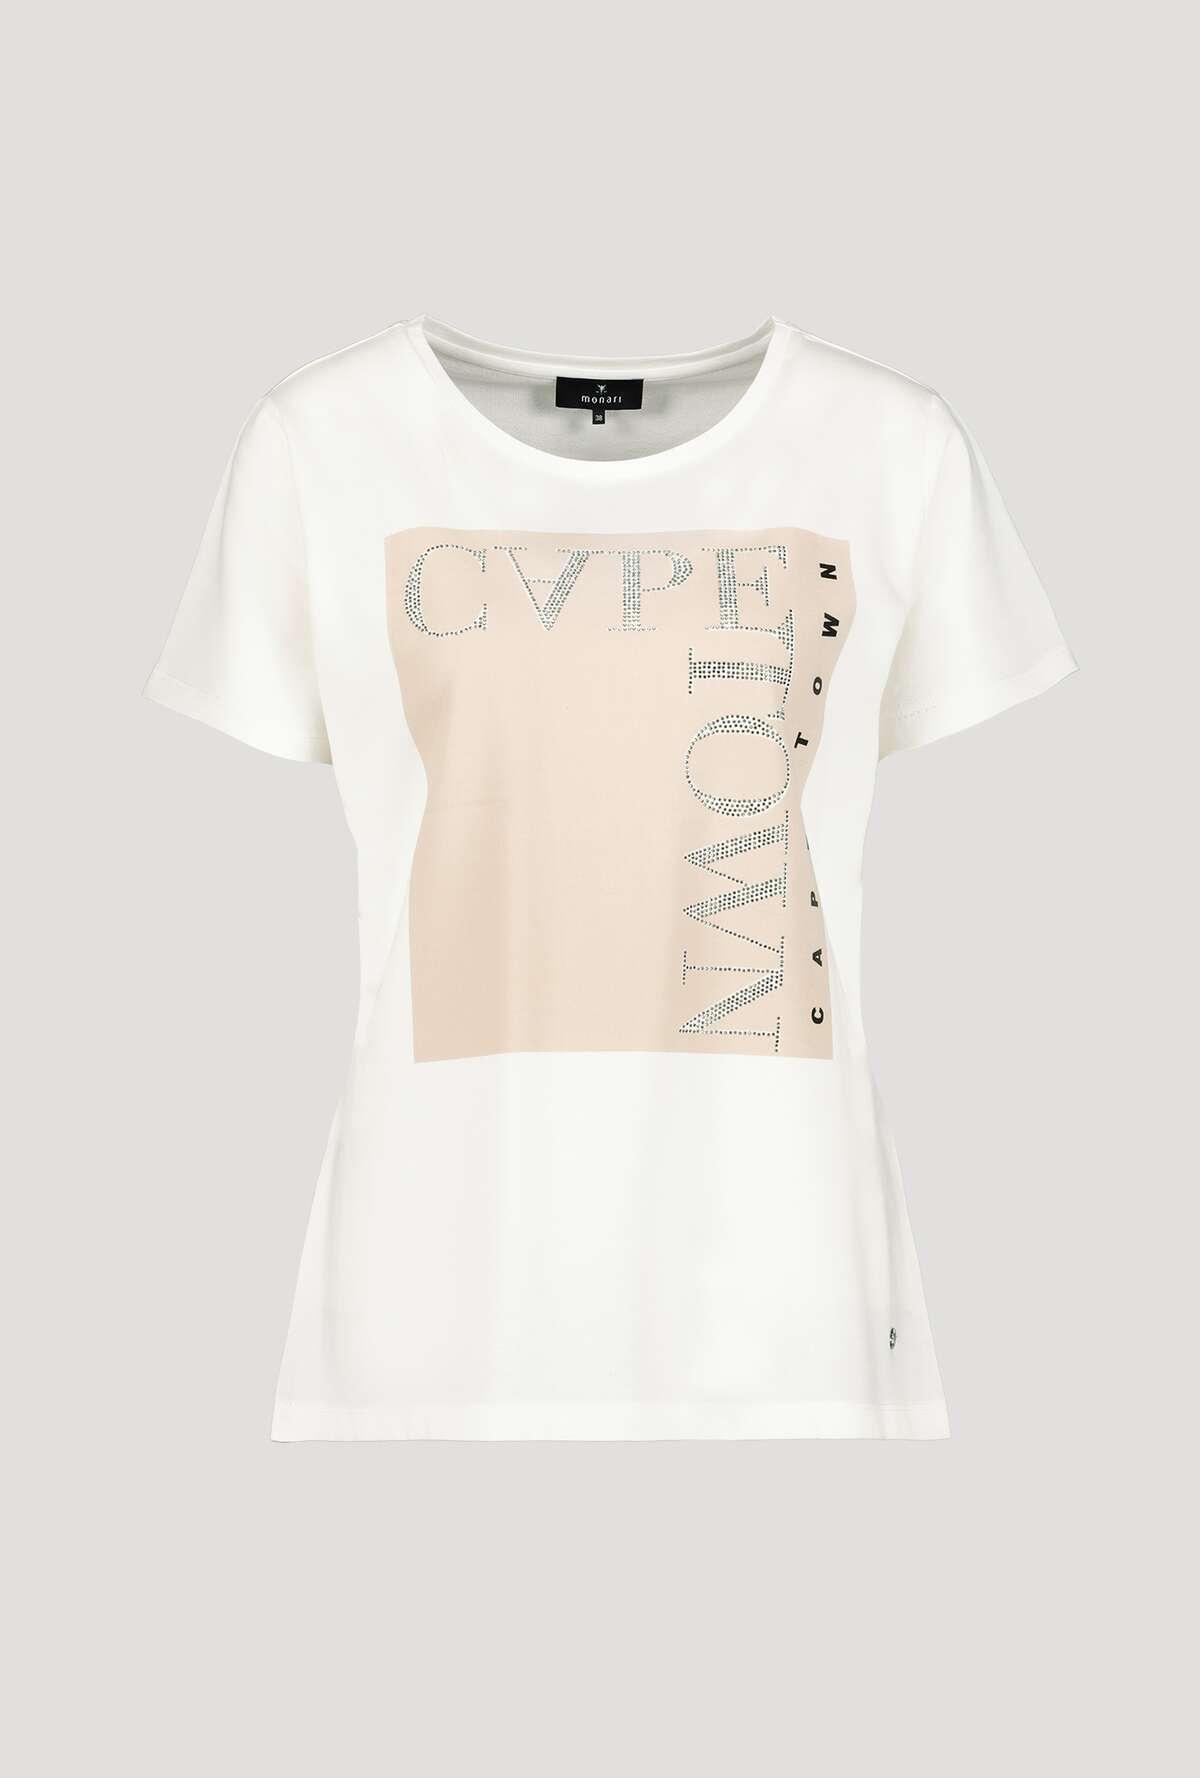 Monari Shirt Cape Town Spark